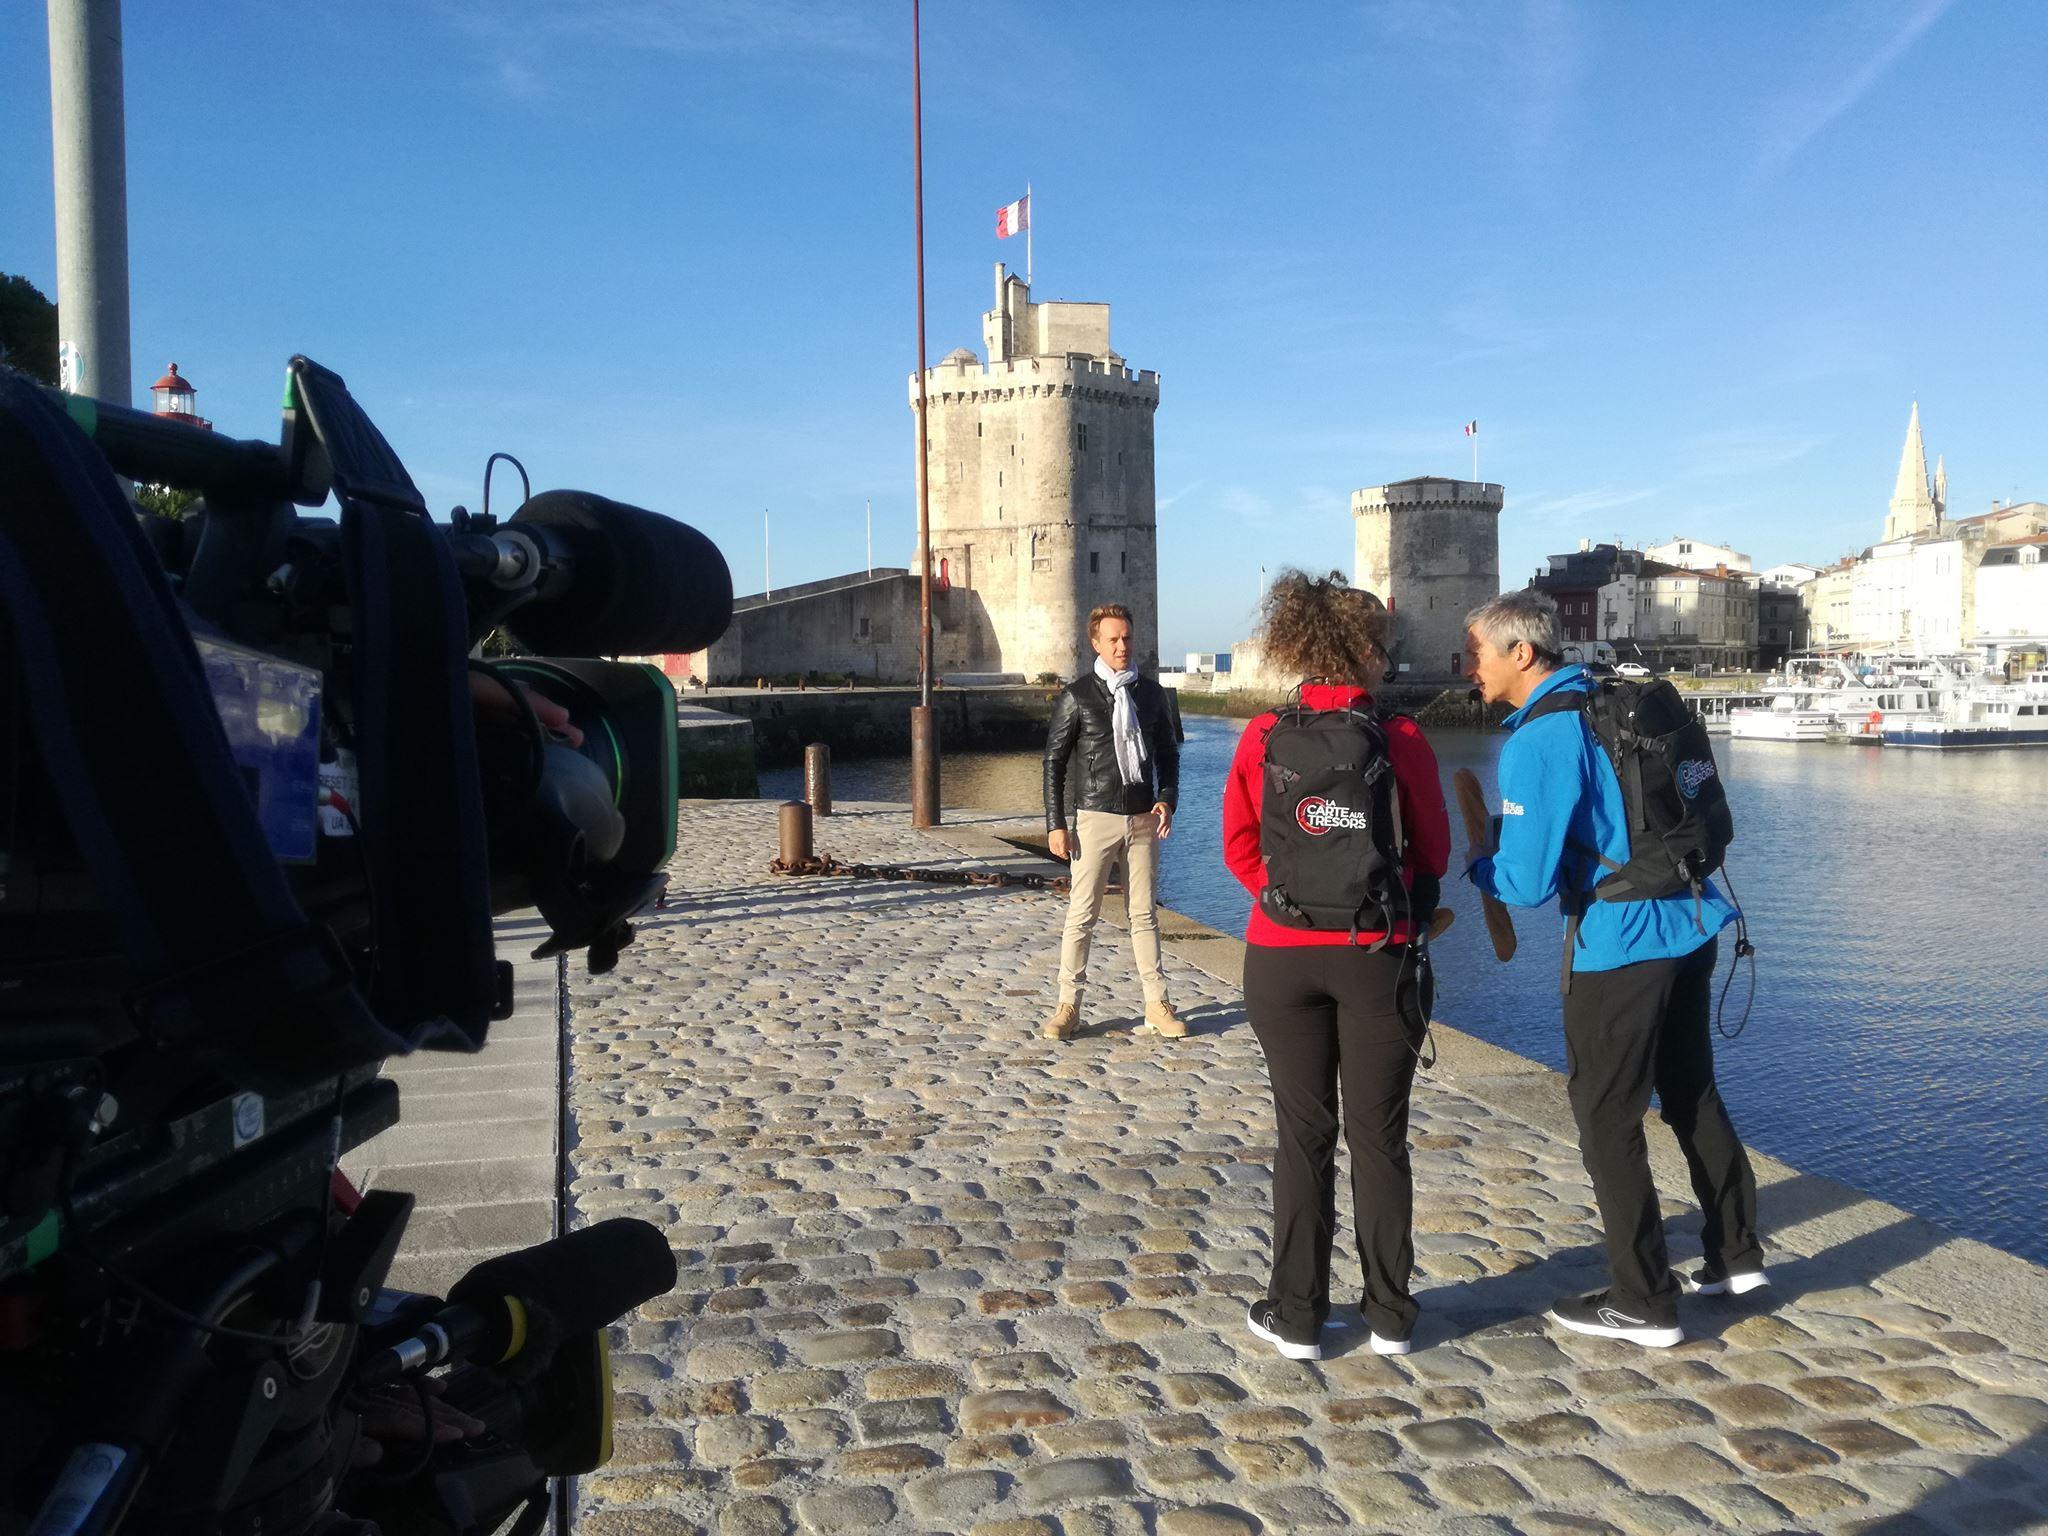 [Spécial] La Carte aux trésors en Charente-Maritime et au Fort Boyard - 17 avril 2019 à 21h sur France 3 42391110